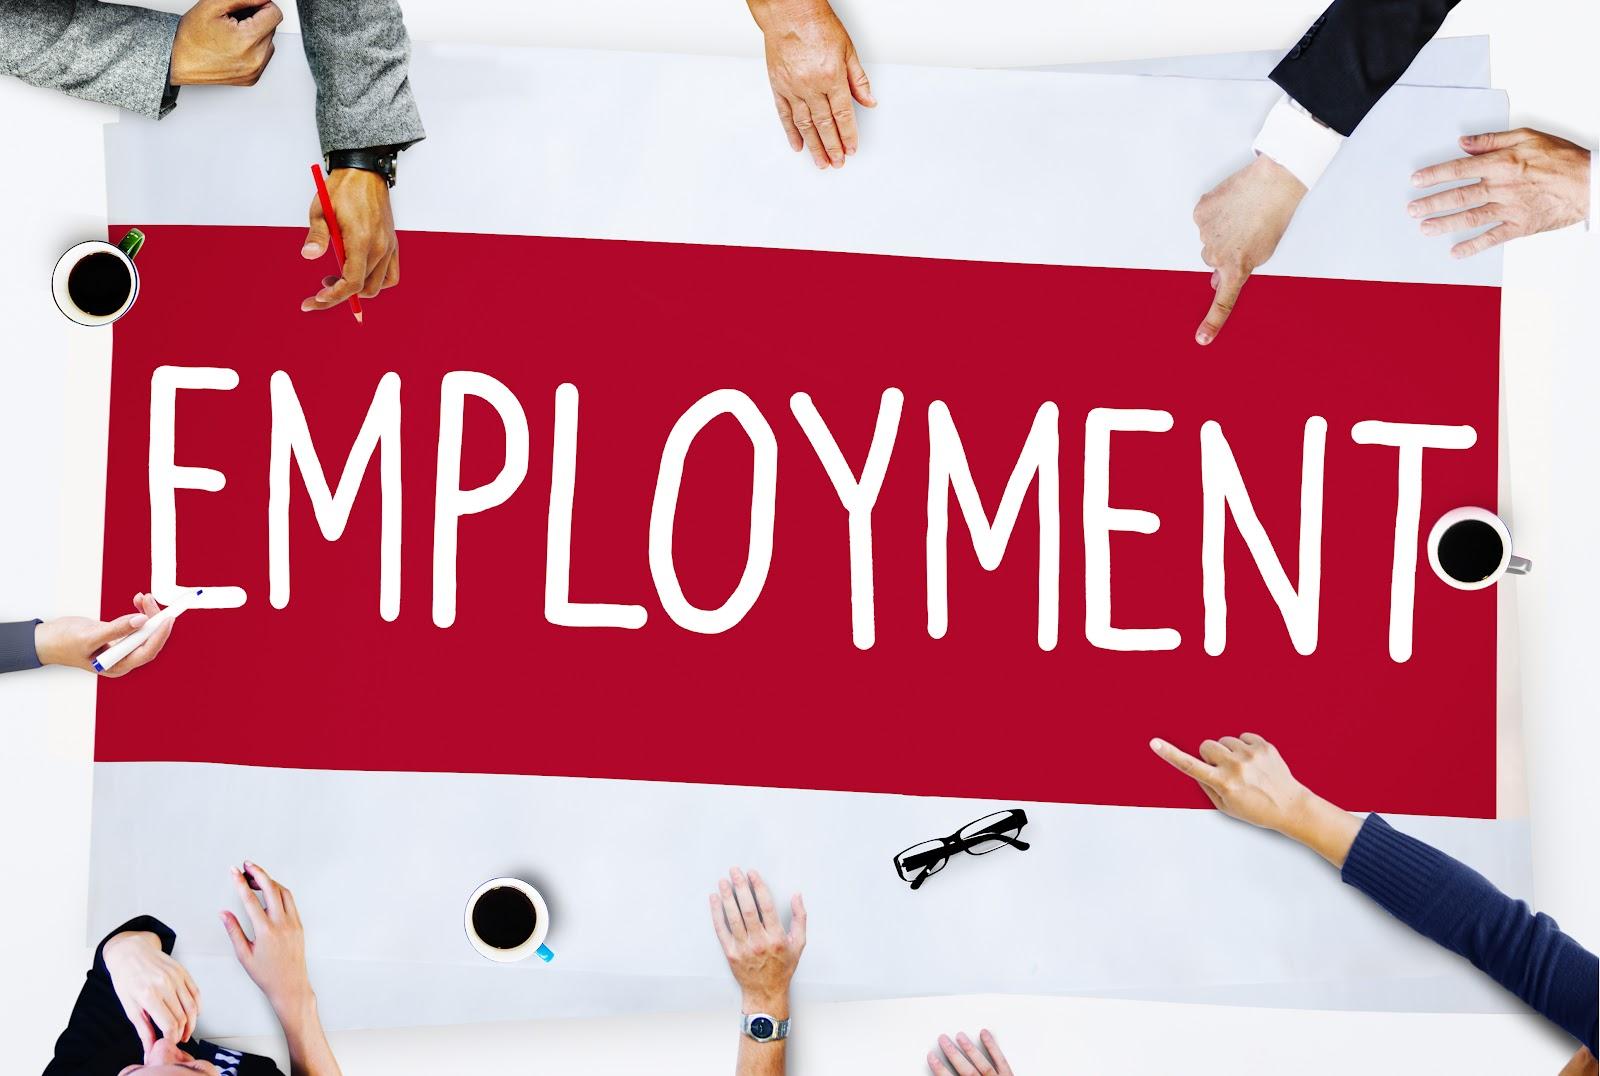 """Várias mãos apontando para uma placa escrita """"Employment""""."""